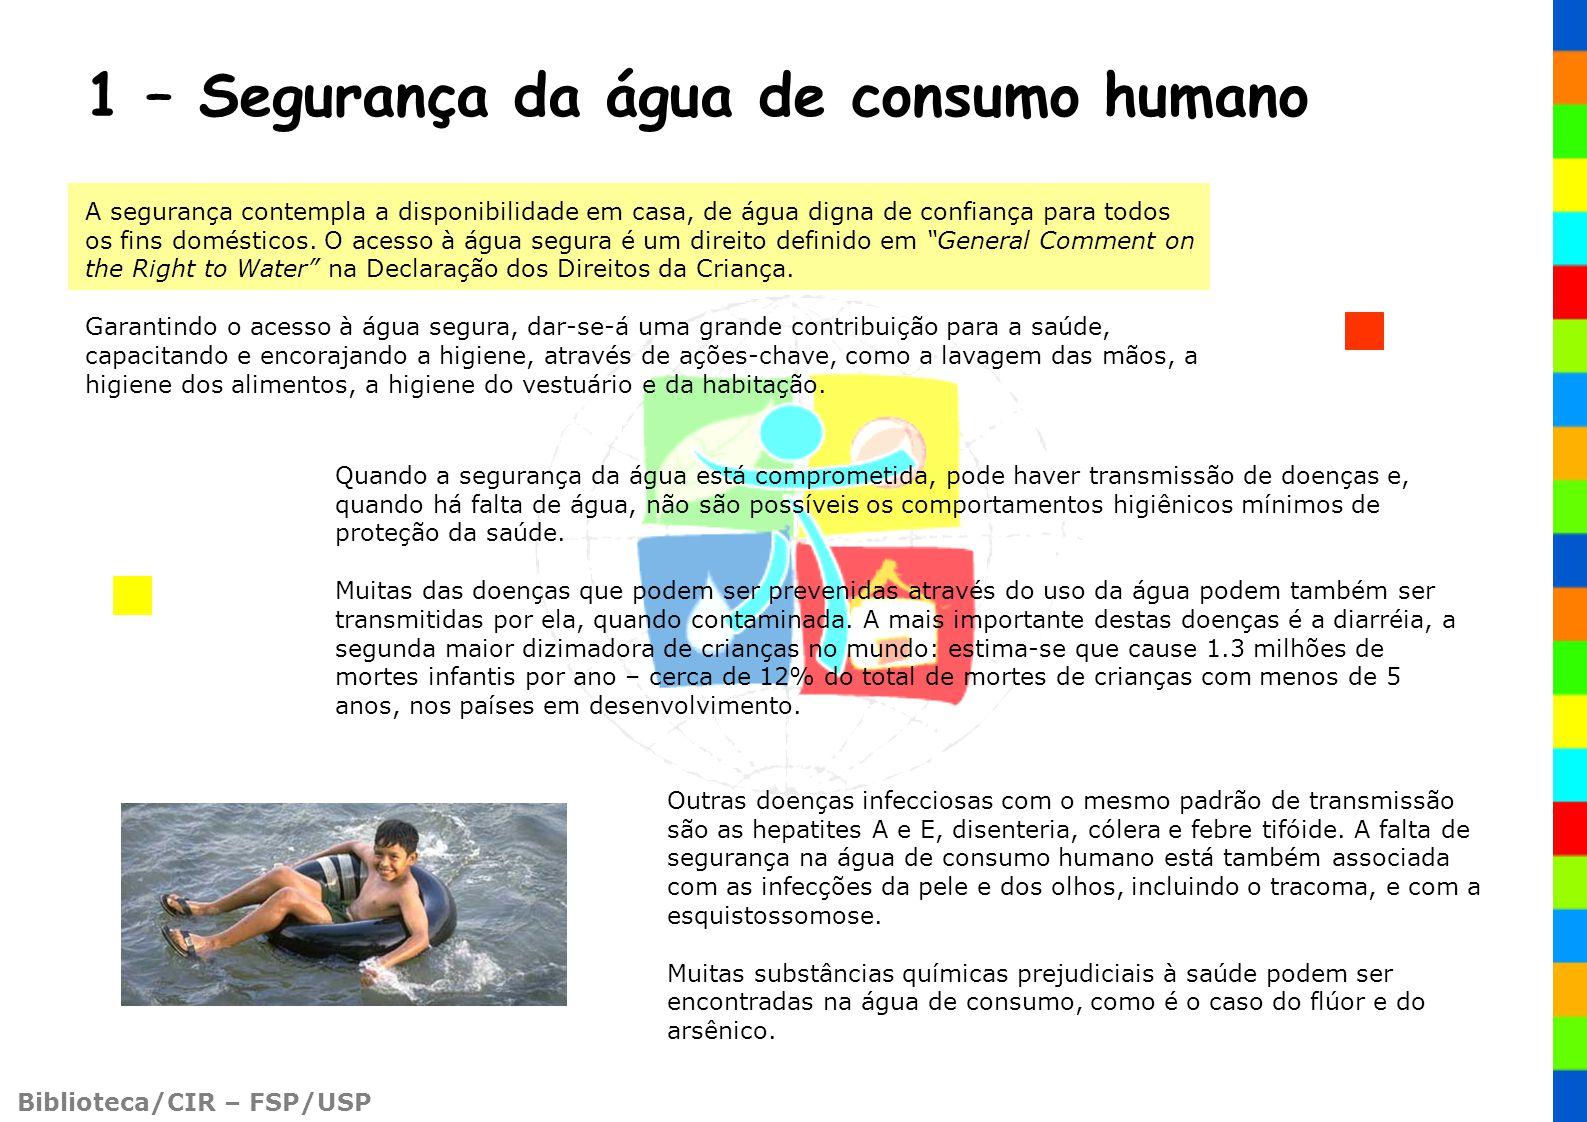 1 – Segurança da água de consumo humano